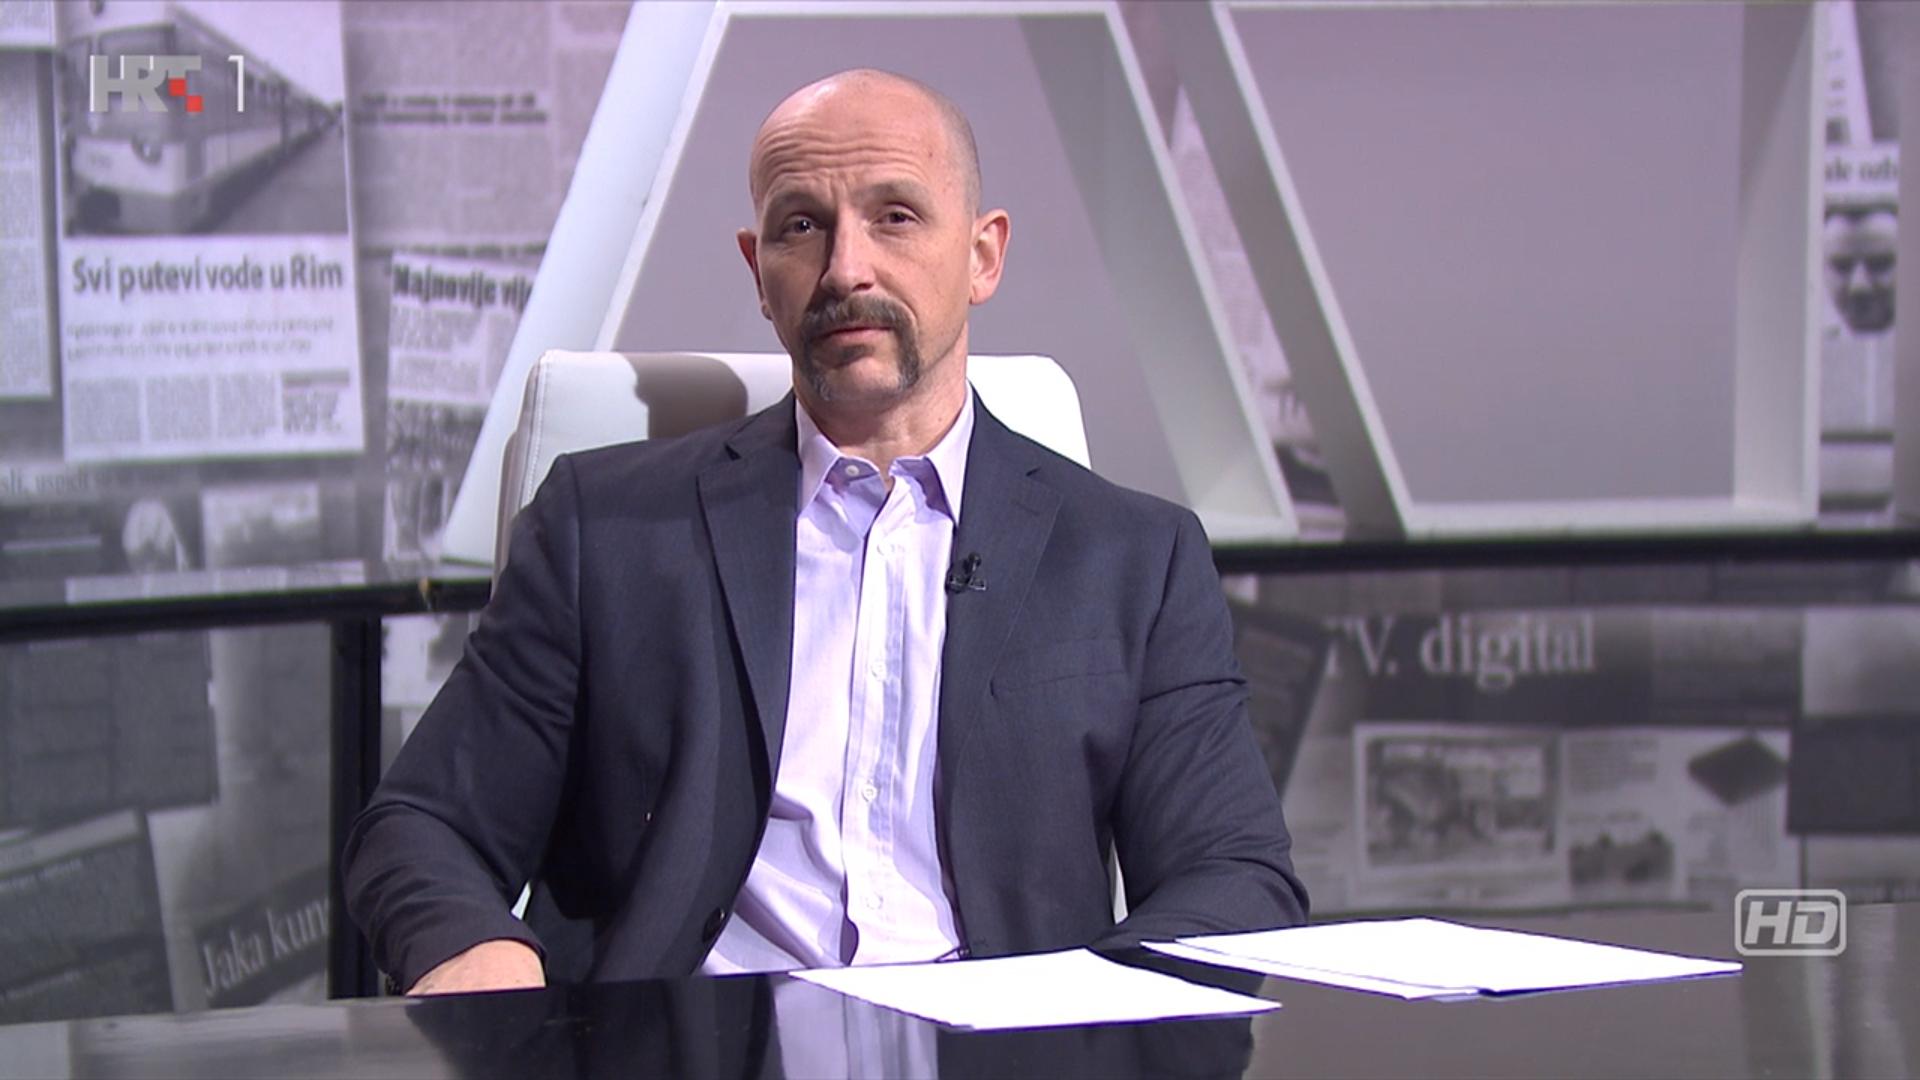 Stanković: 'HRT mi nije dao da u emisiju pozovem Maju Sever'